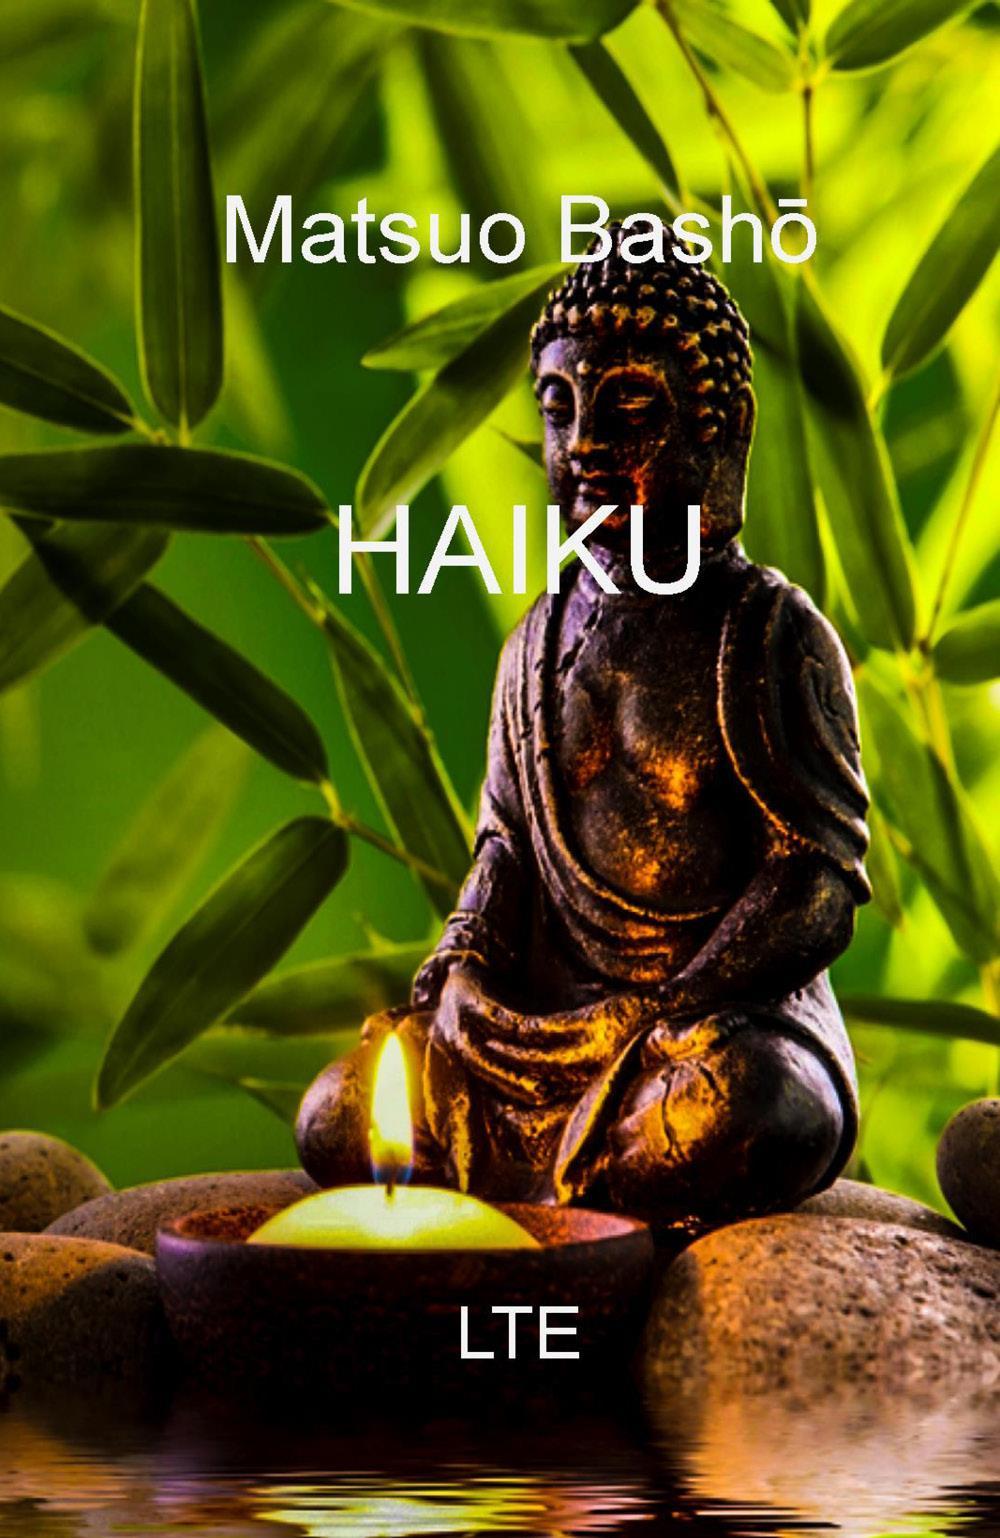 Haiku (traduzione a cura di Nazzareno Luigi Todarello)